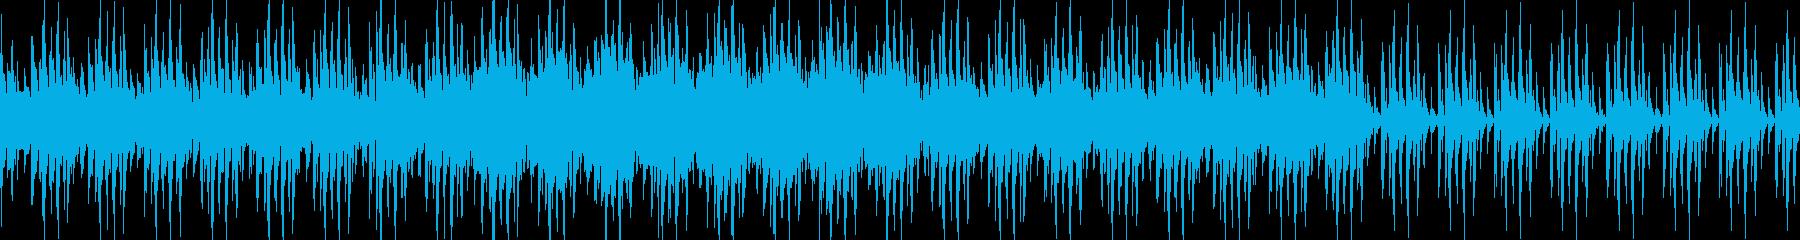 ループ仕様のメインタイトル用楽曲の再生済みの波形